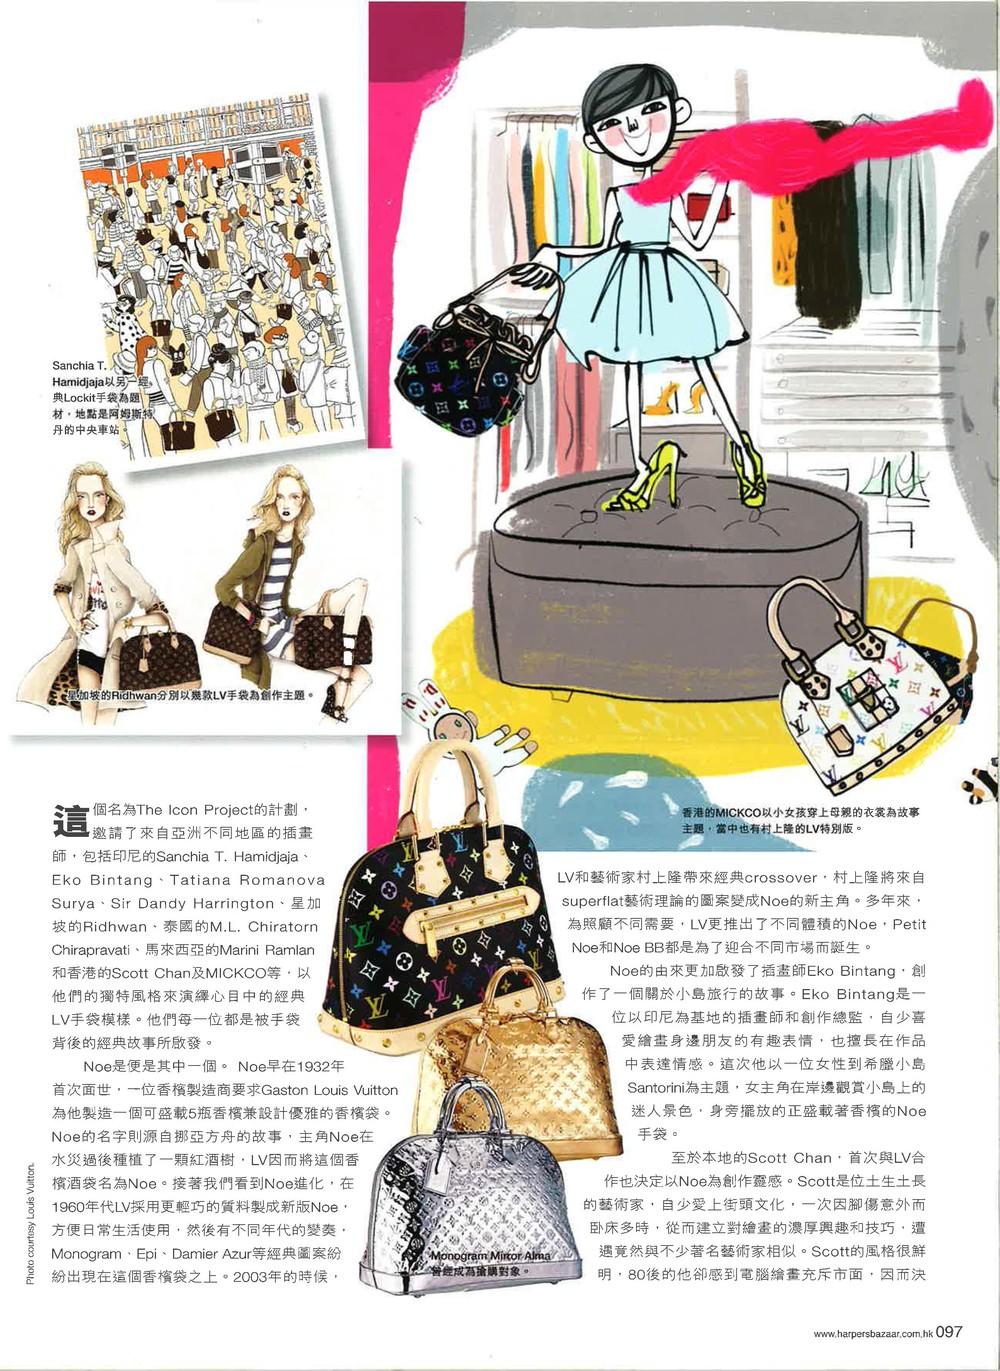 Harpers BAZAAR_2013 Jul_Content2.jpg